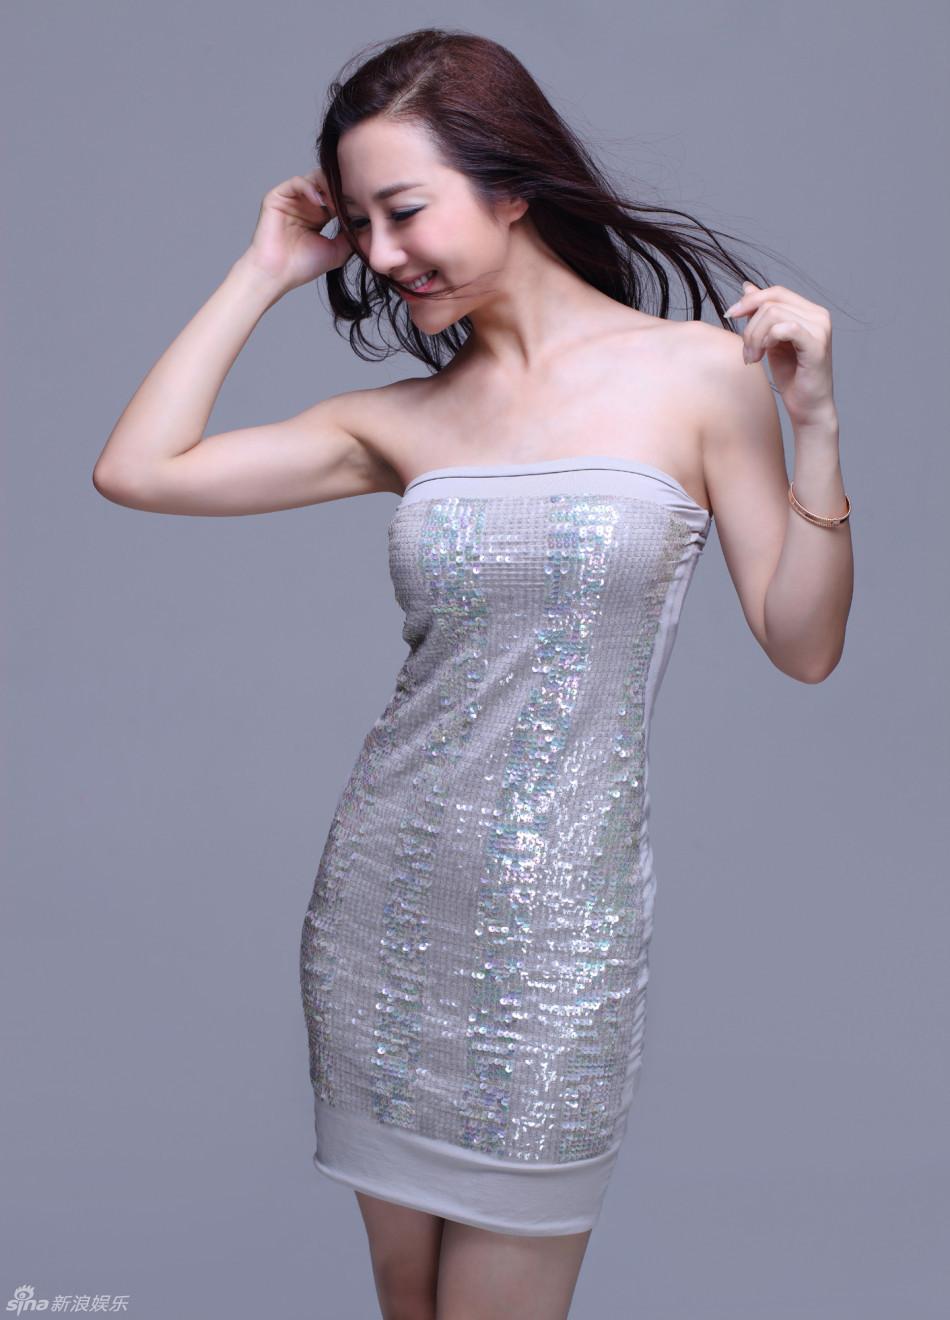 http://www.sinaimg.cn/dy/slidenews/4_img/2013_10/704_903264_988339.jpg